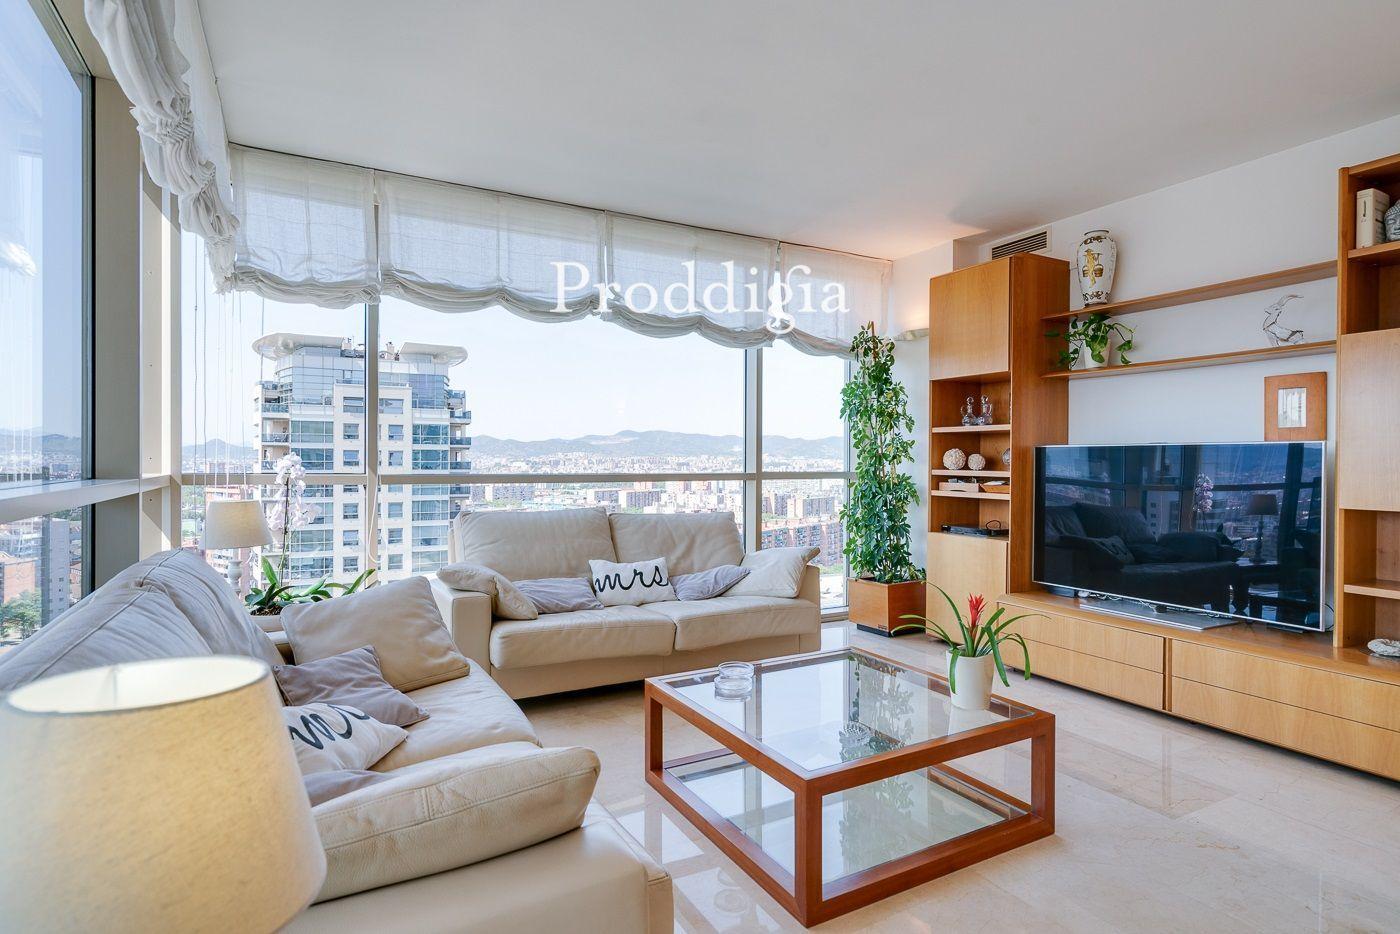 VISITA VIRTUAL. Increíble piso con vistas a TODA Barcelona en Diagonal Mar